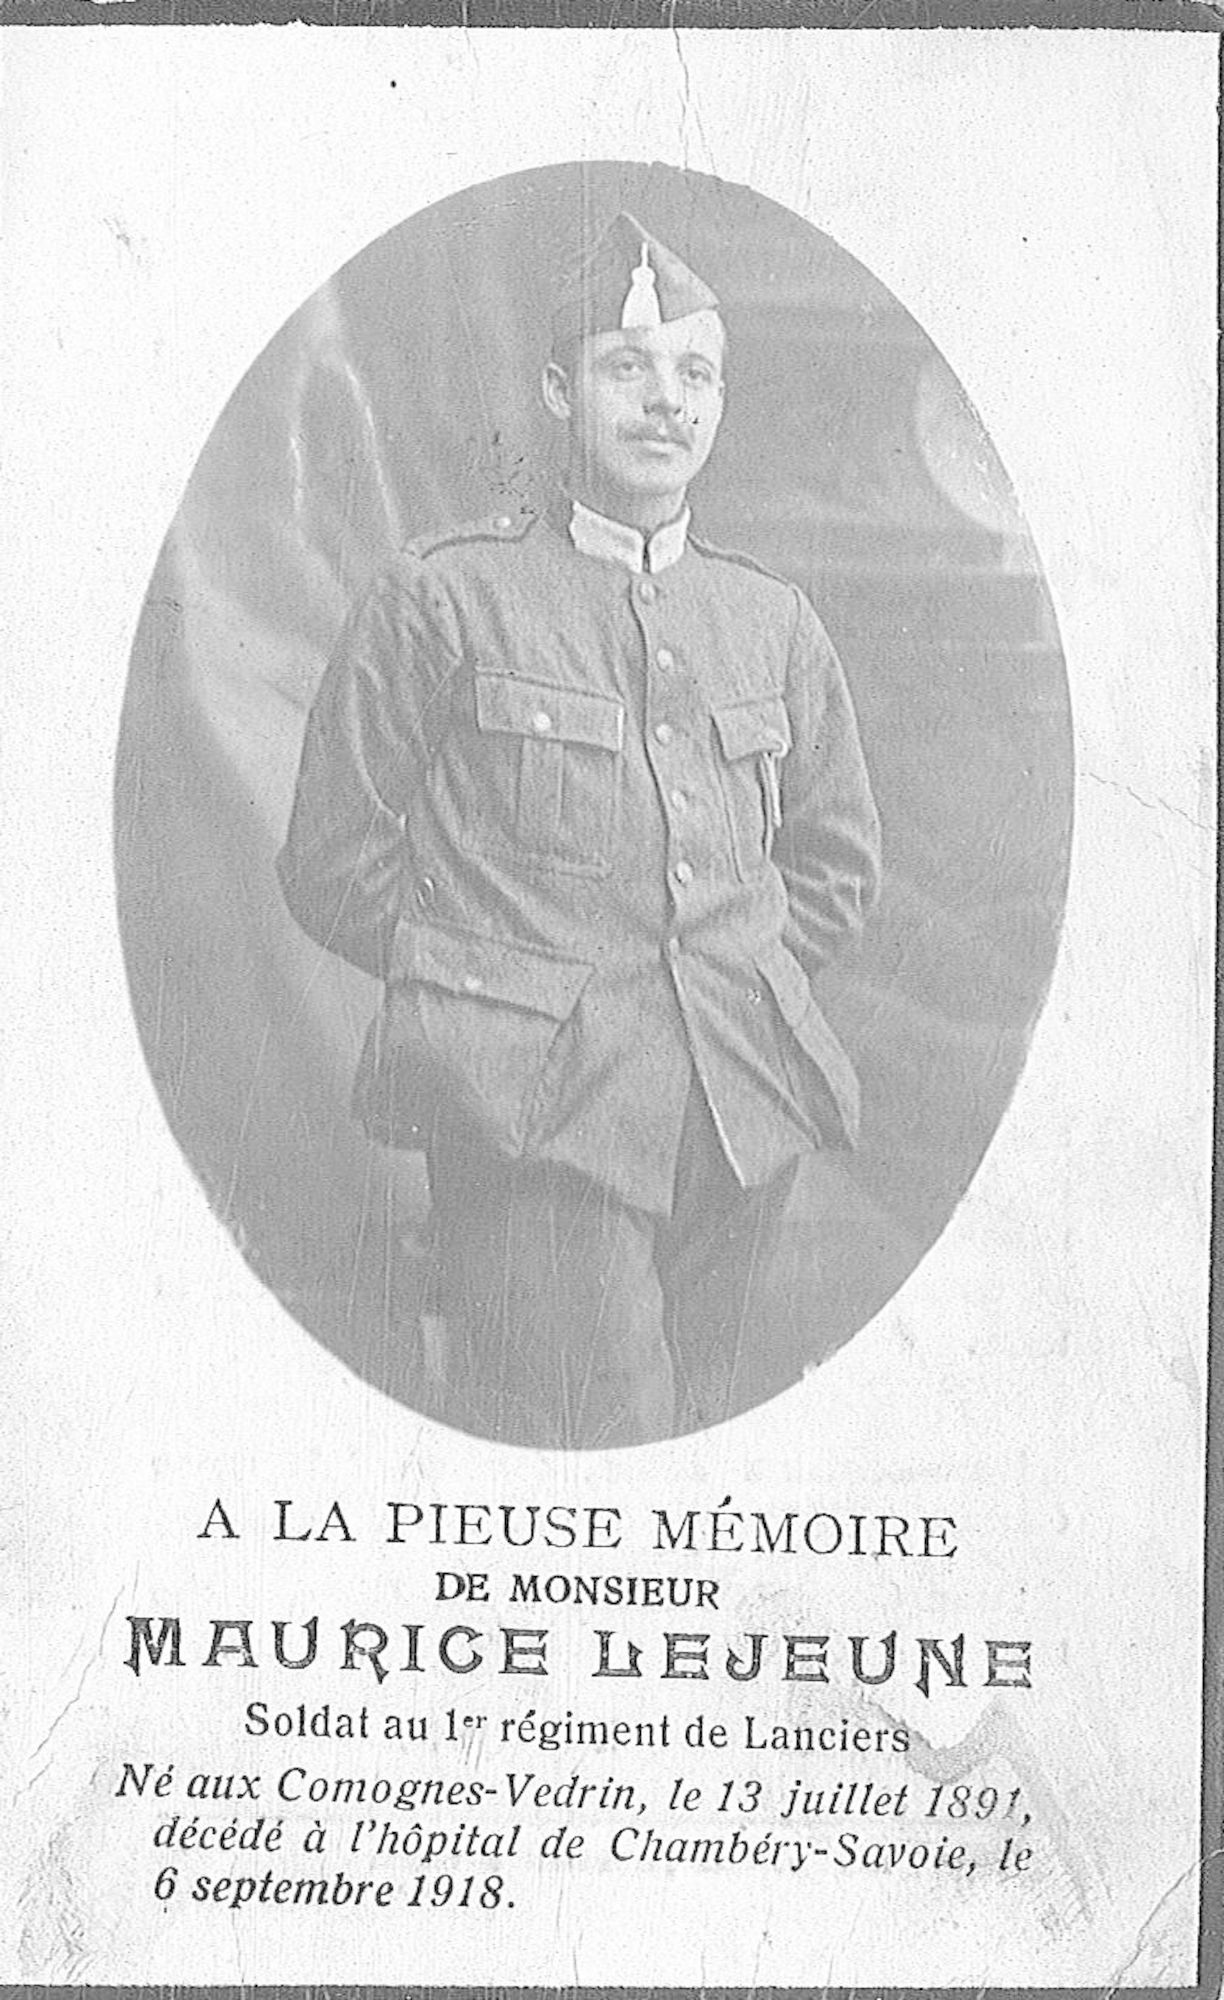 Maurice Lejeune